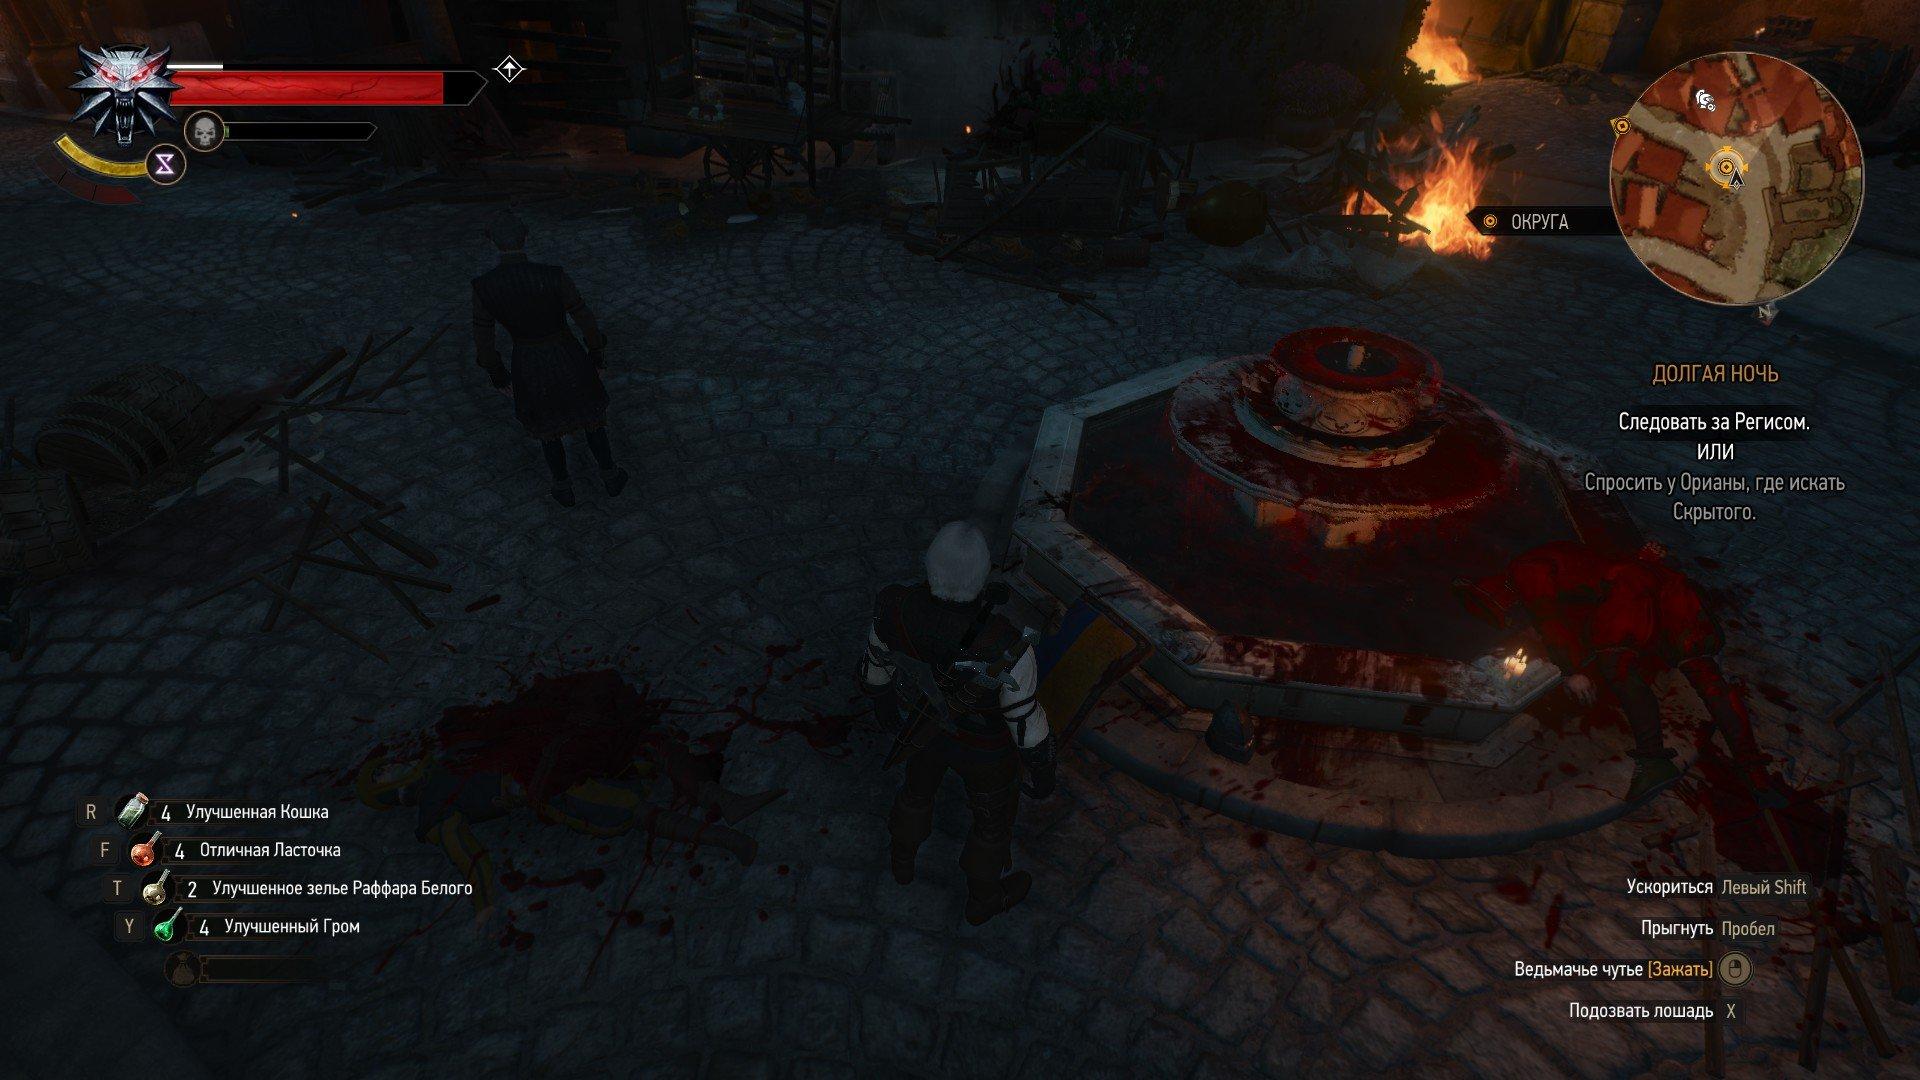 Вопль-прохождение Witcher 3: Кровь и Вино ... ФИНАЛ!!! [ВНИМАНИЕ, СПОЙЛЕРЫ] - Изображение 18